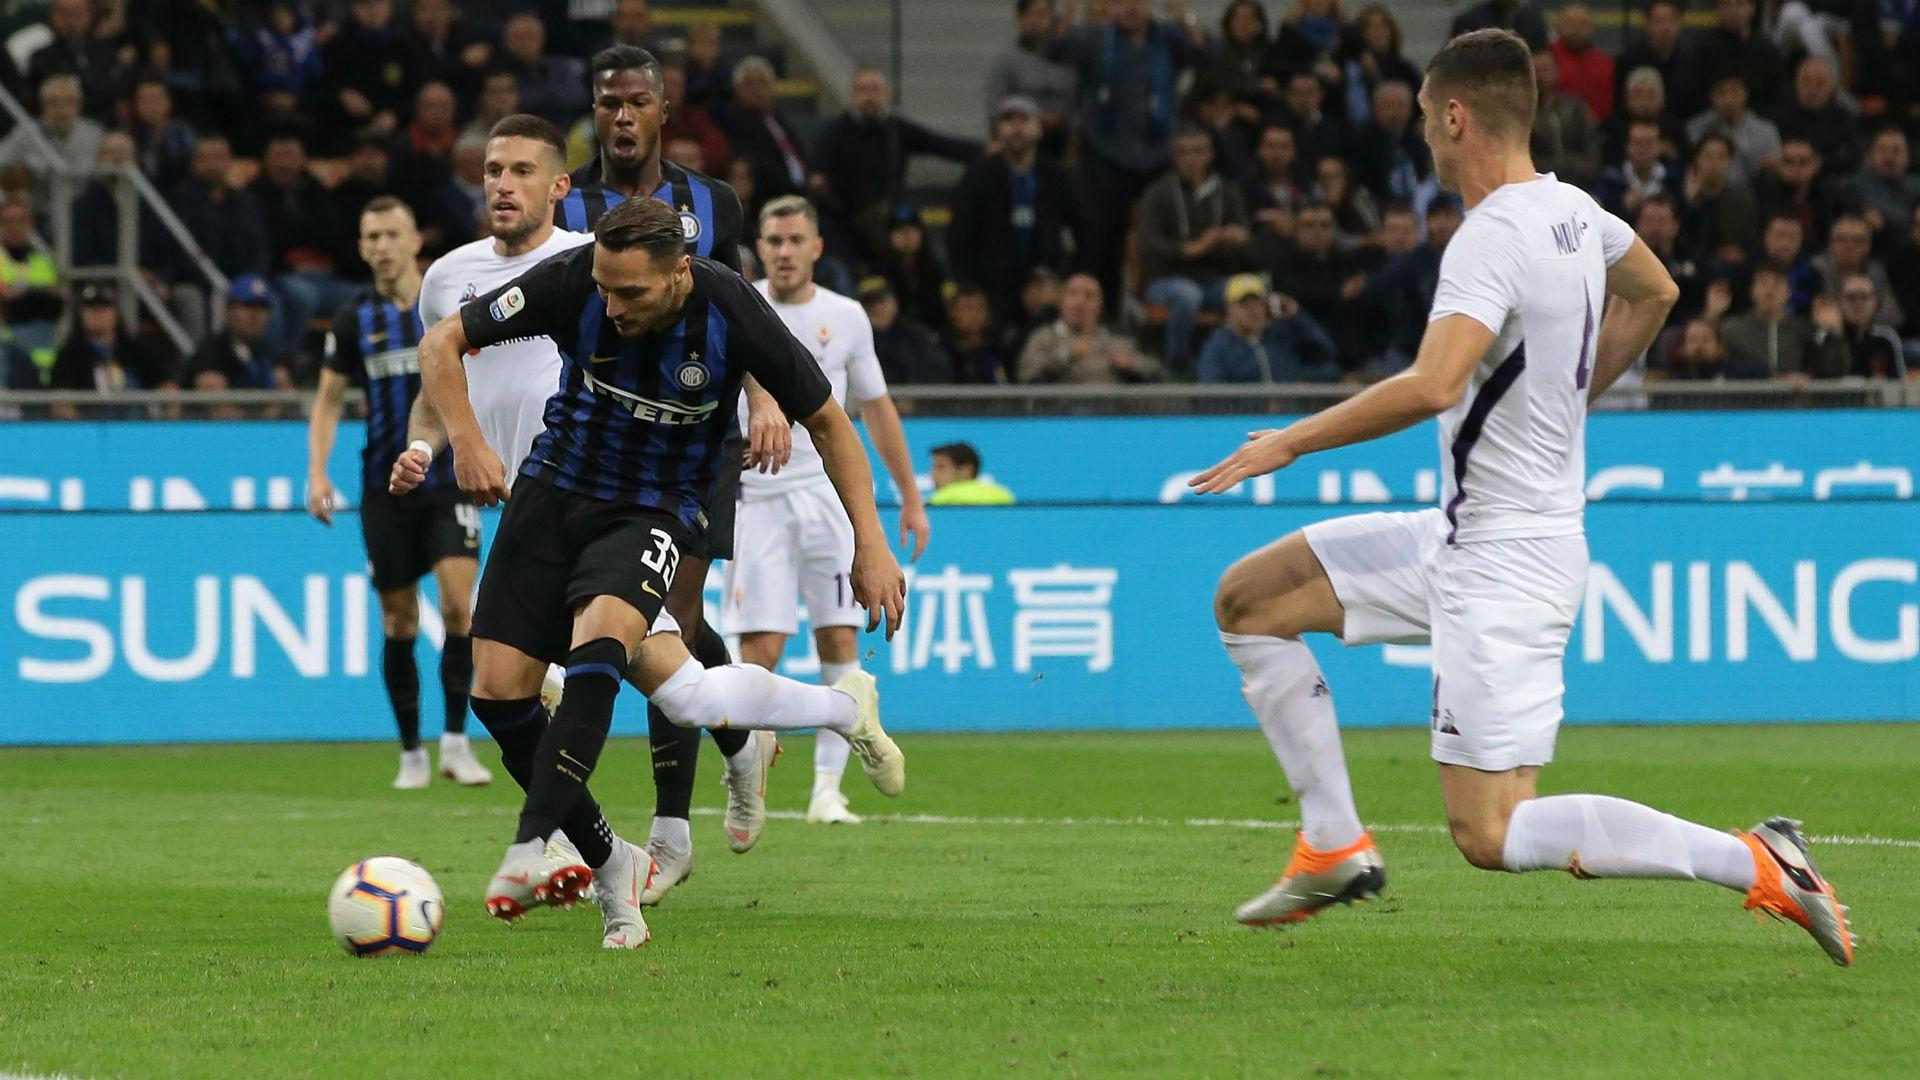 Inter 2 Fiorentina 1: D'Ambrosio maintains Nerazzurri revival